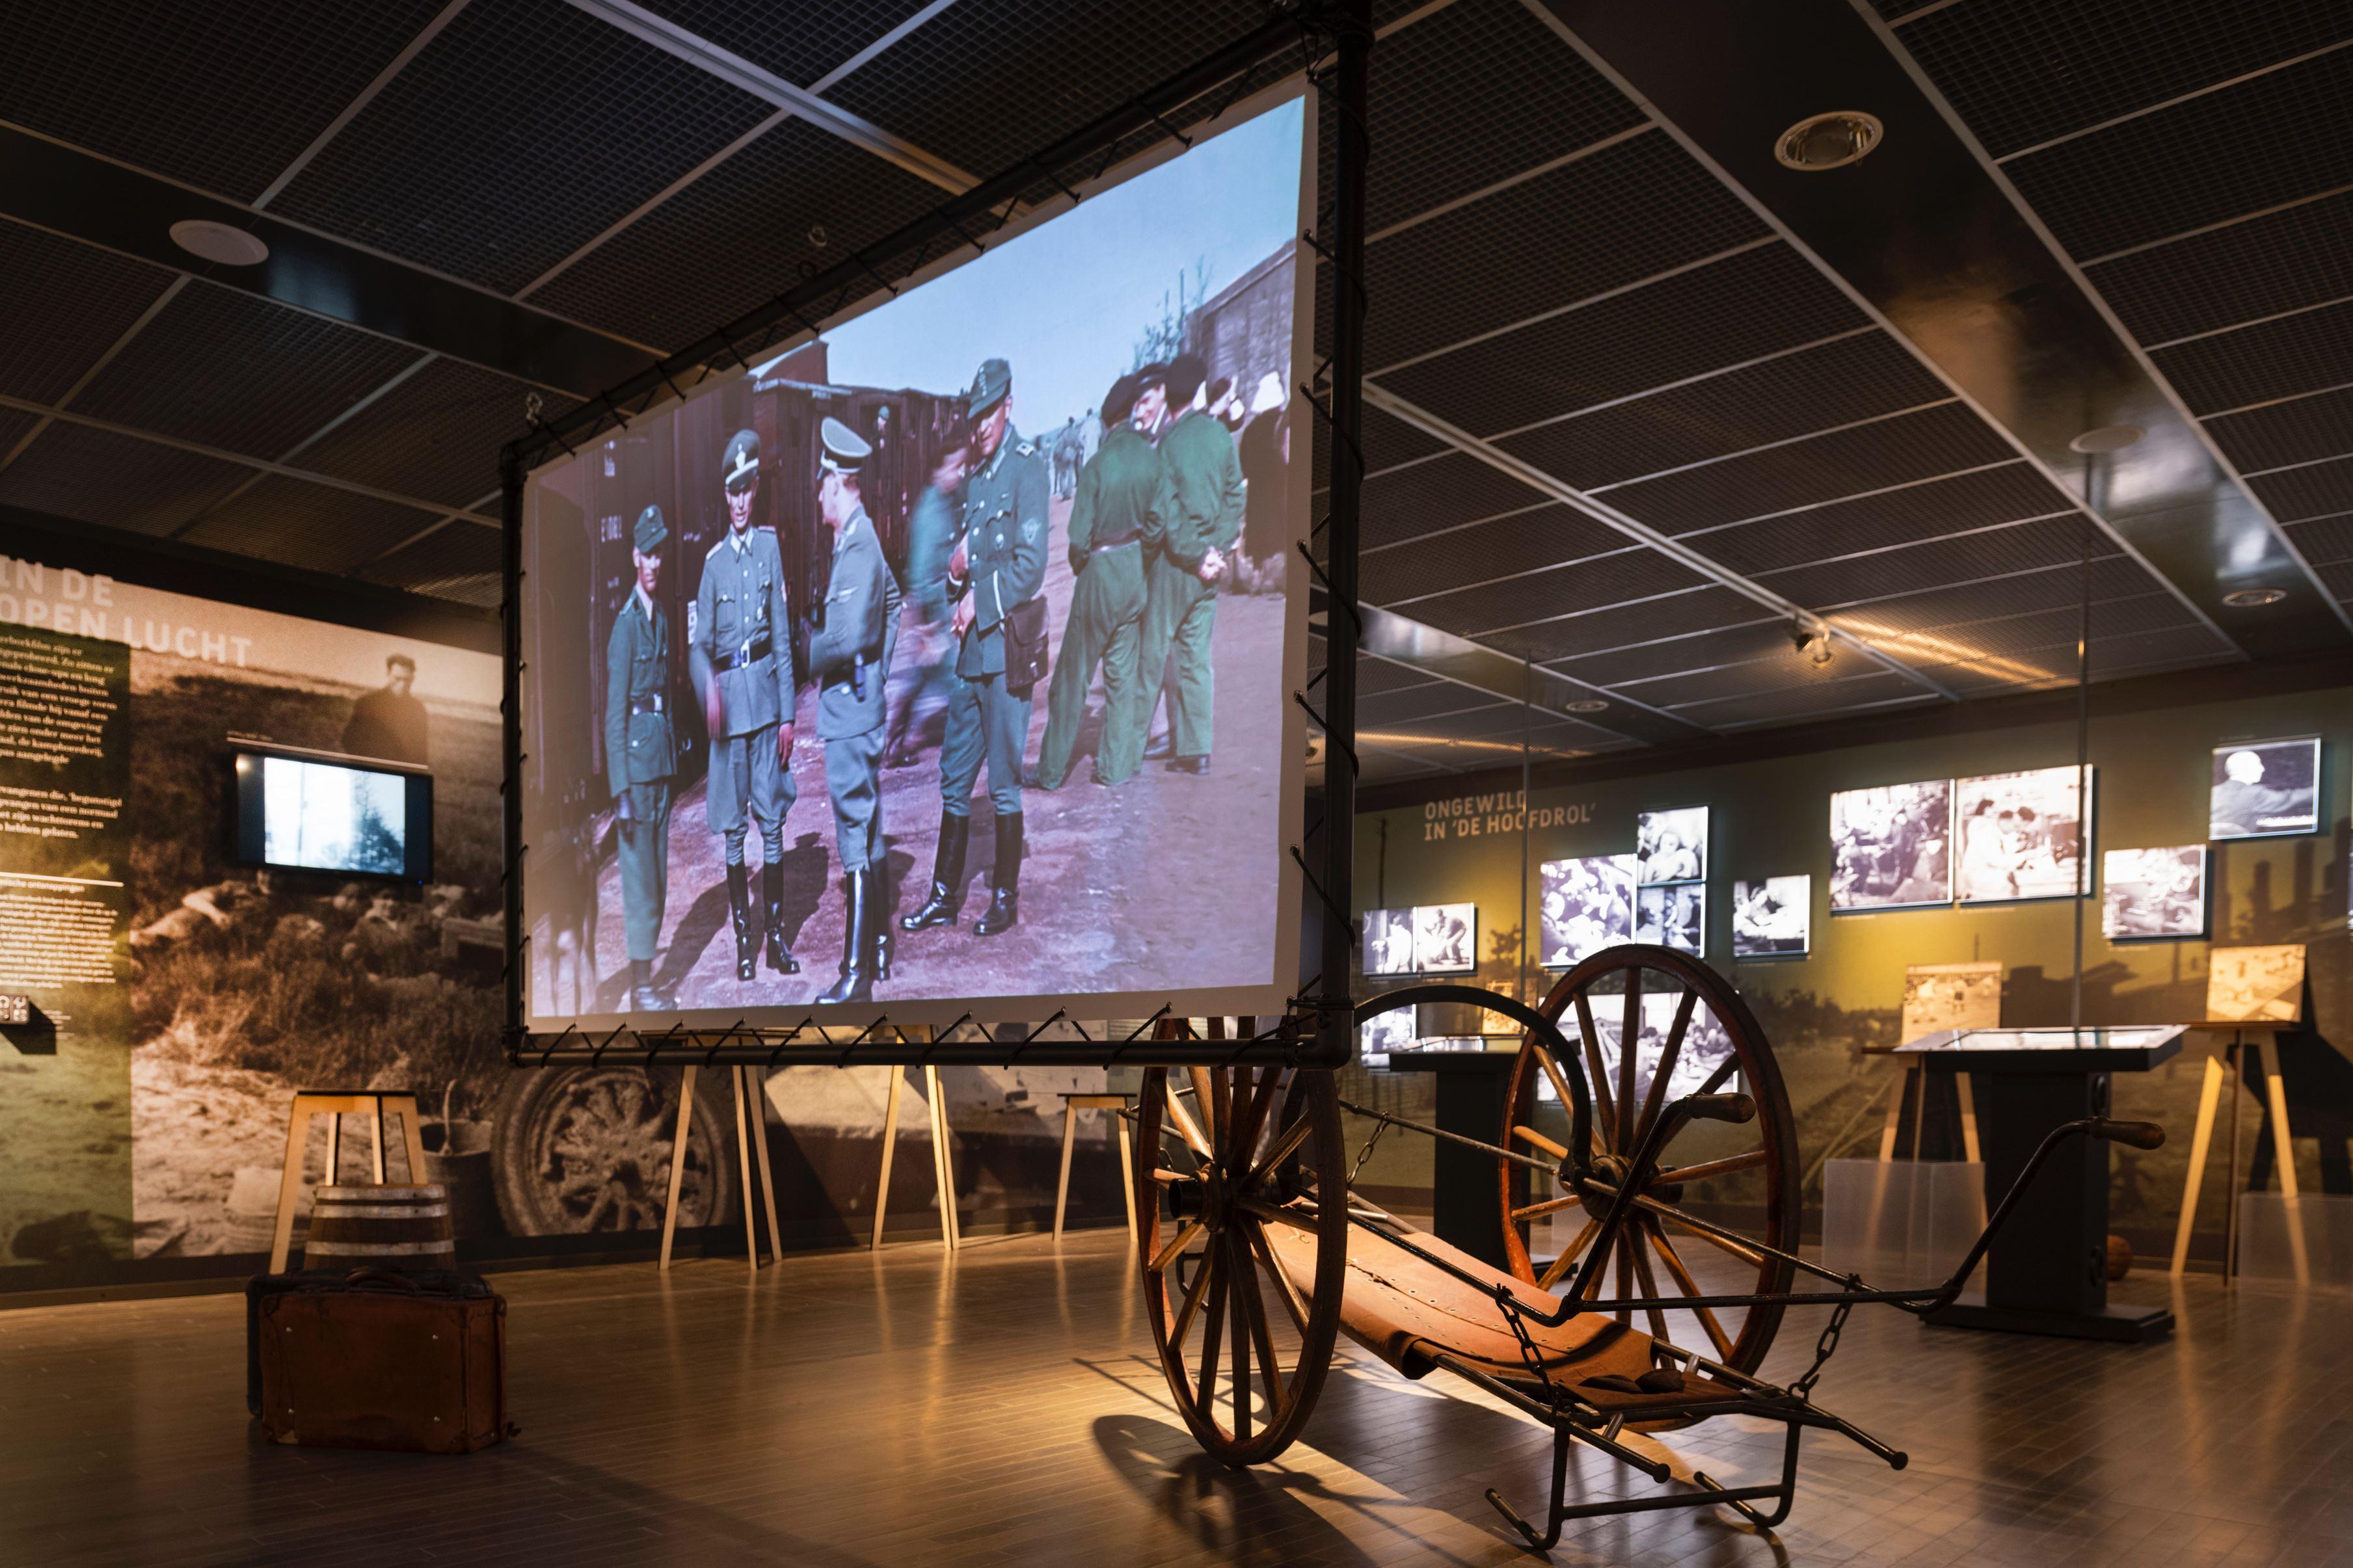 Restauratie Westerborkfilm maakt tentoonstelling en onderzoek mogelijk